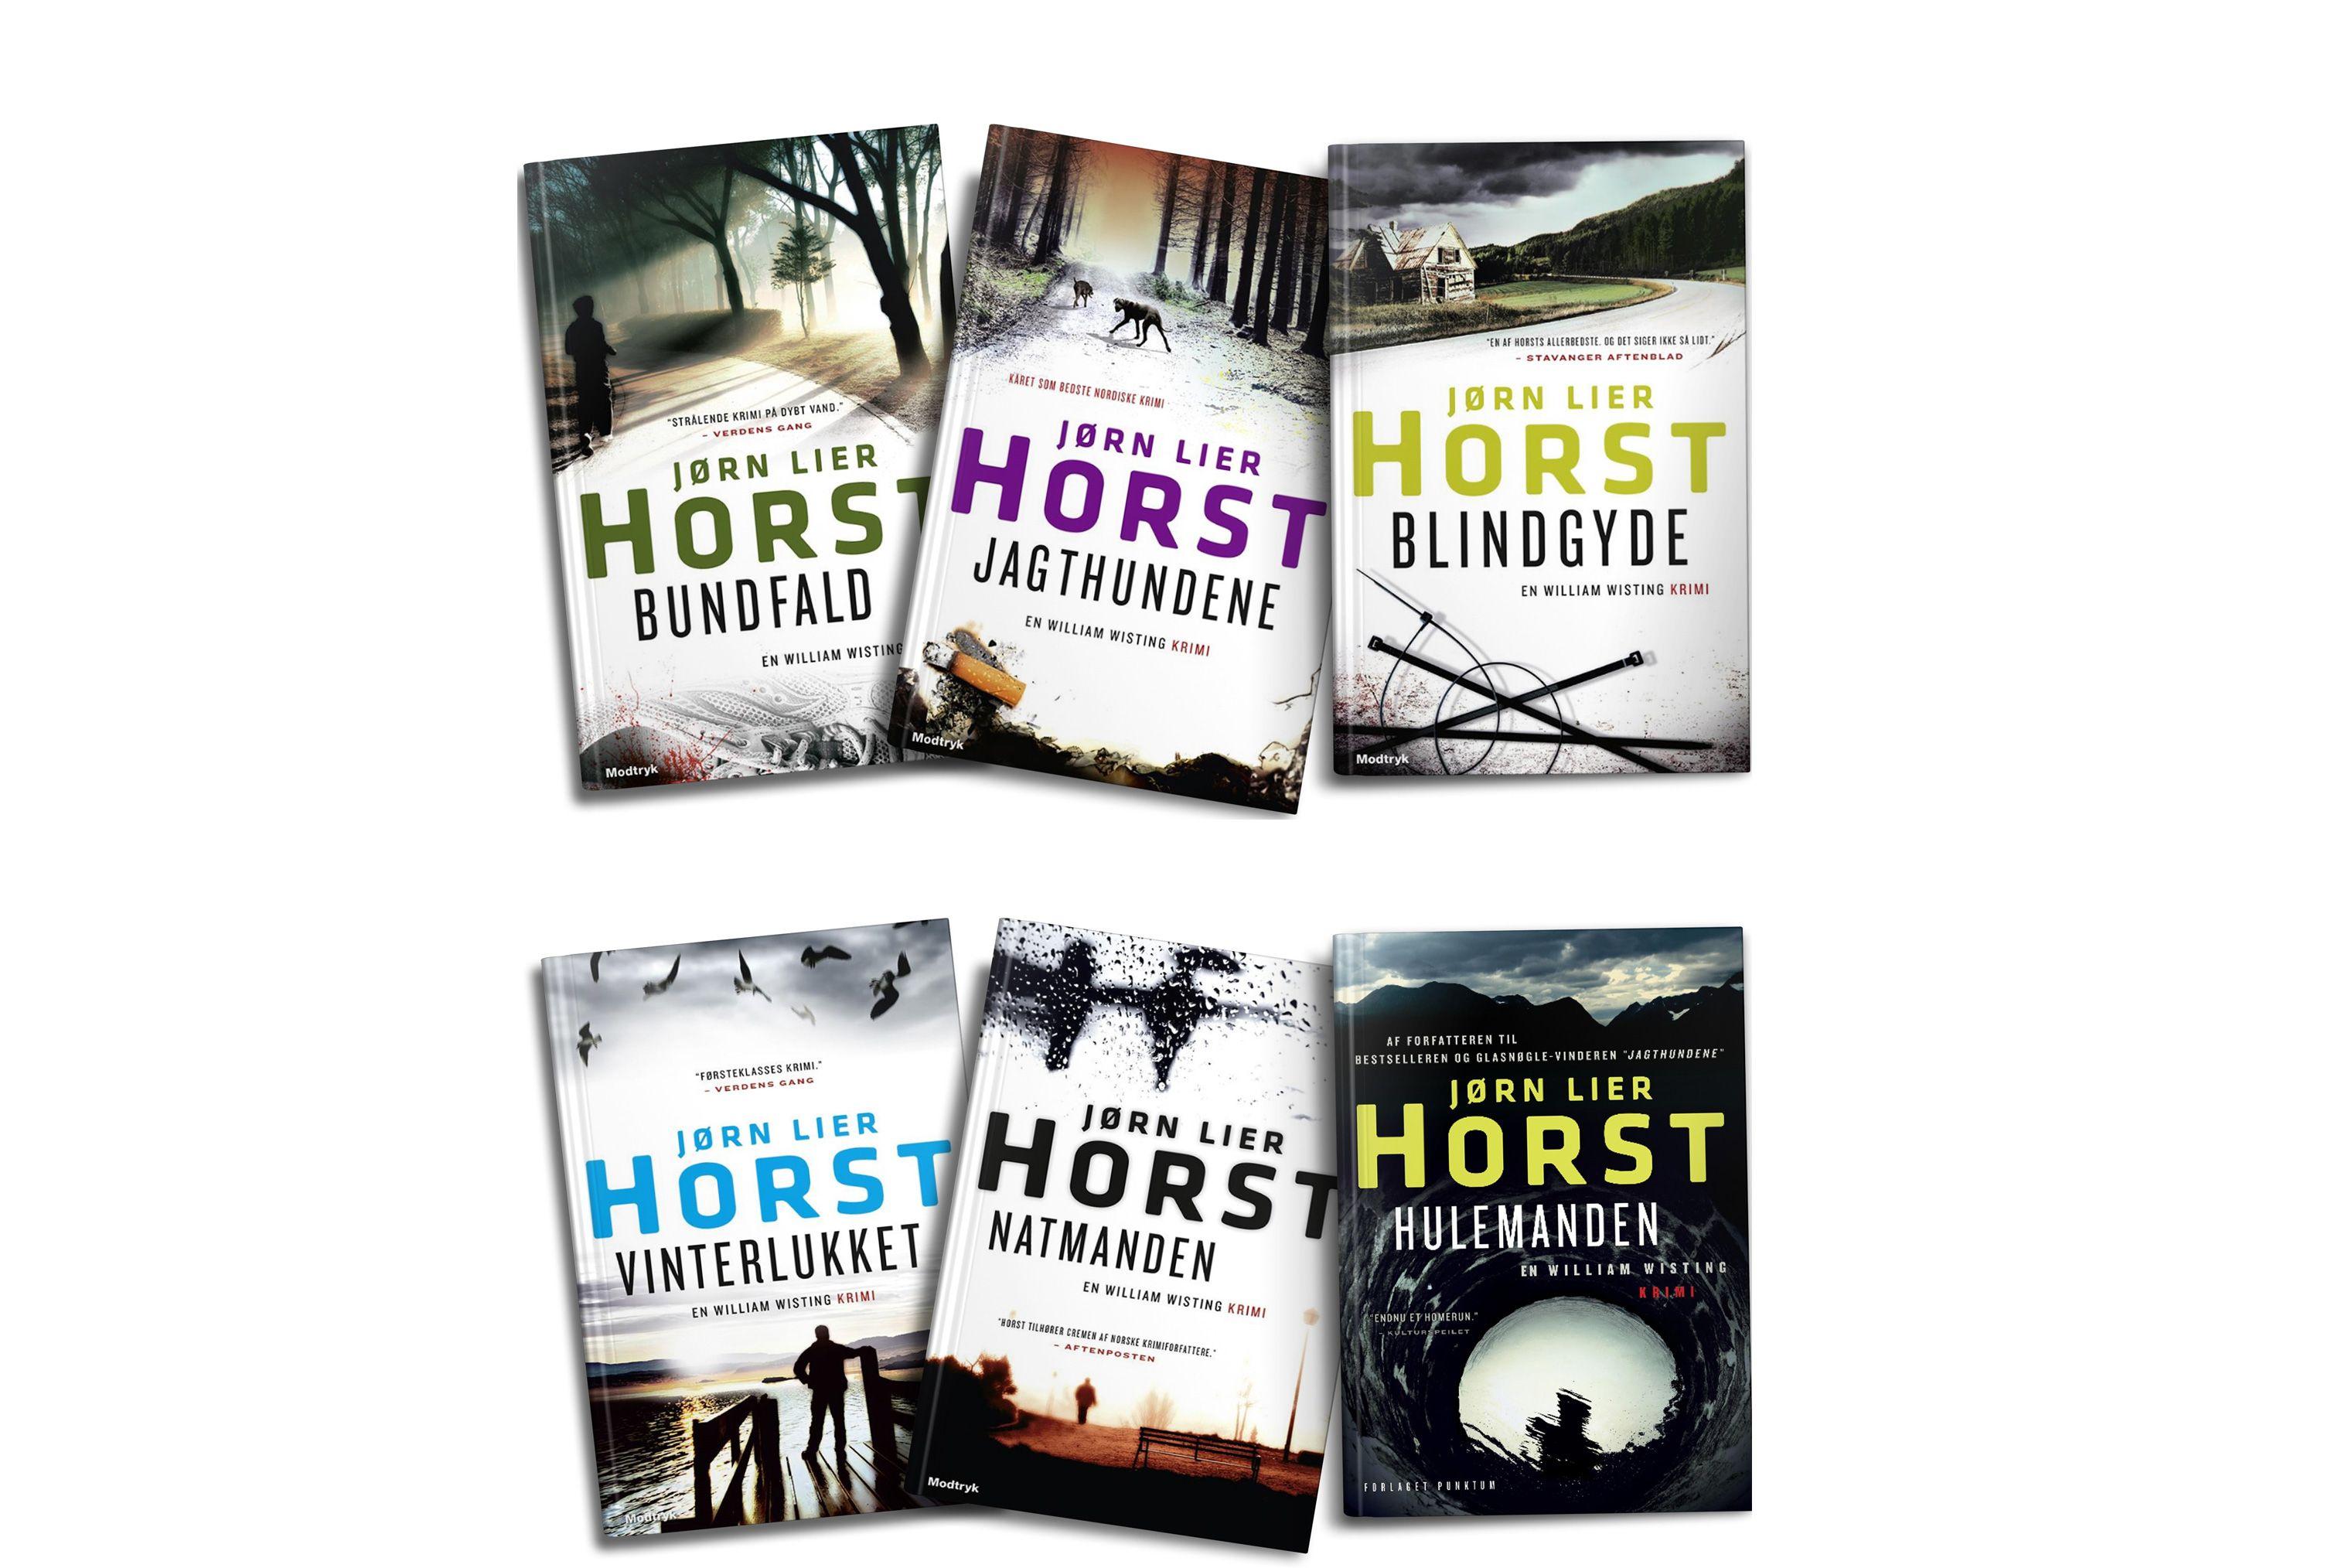 Bøger af Jørn Lier Horst